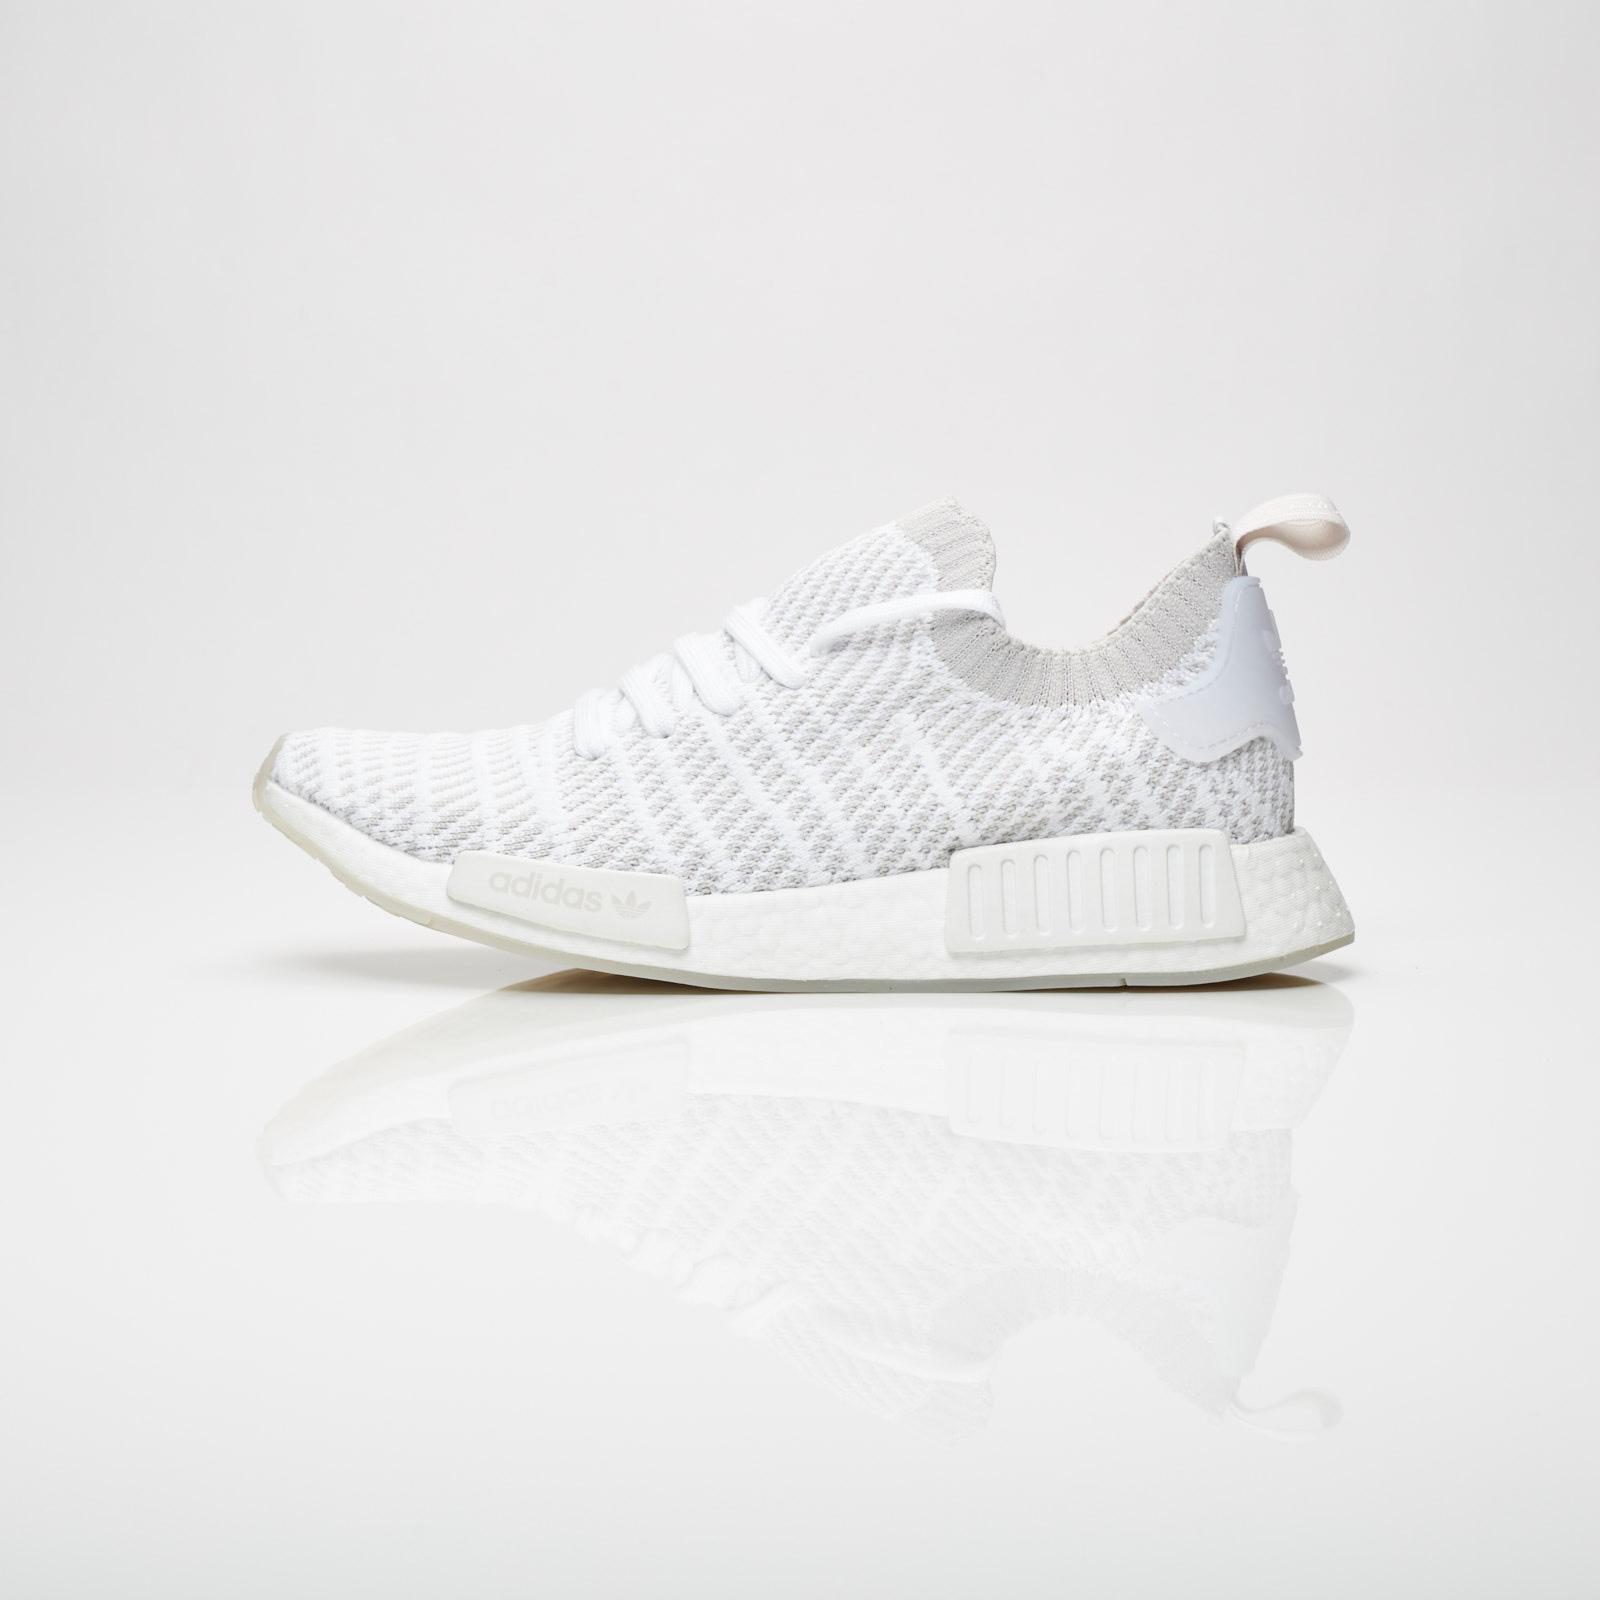 023d704a8d0e8 adidas NMD R1 Stlt PK - Cq2390 - Sneakersnstuff